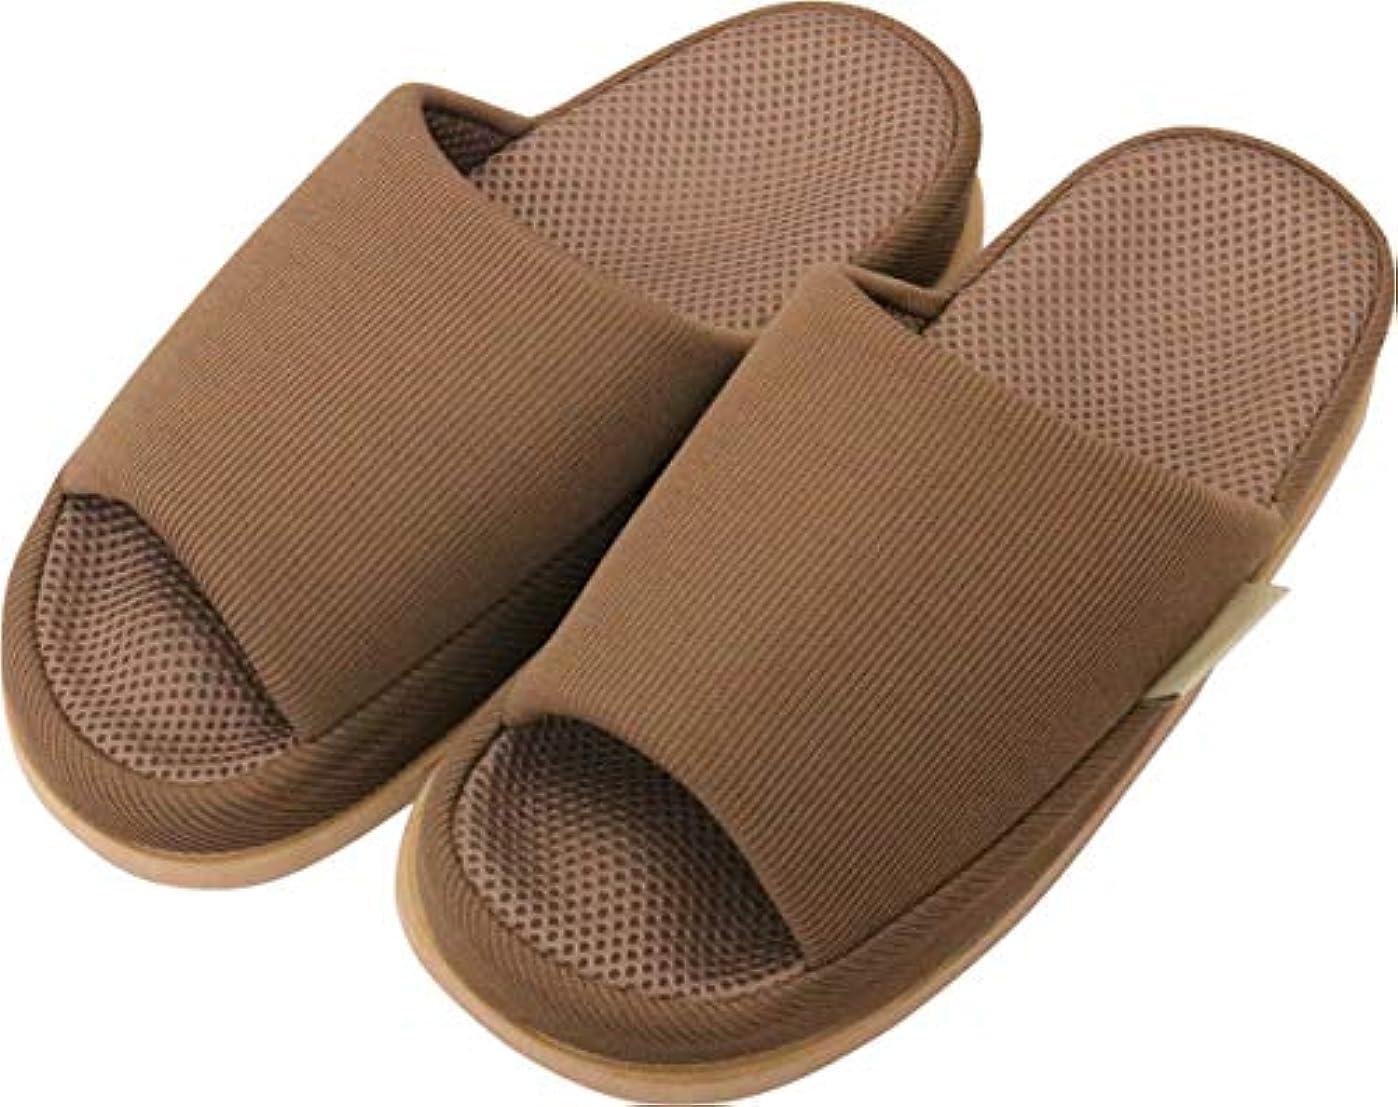 とんでもない居眠りする部分足で癒す リフレクソロジースリッパ リフレ 指の付け根 ブラウン L